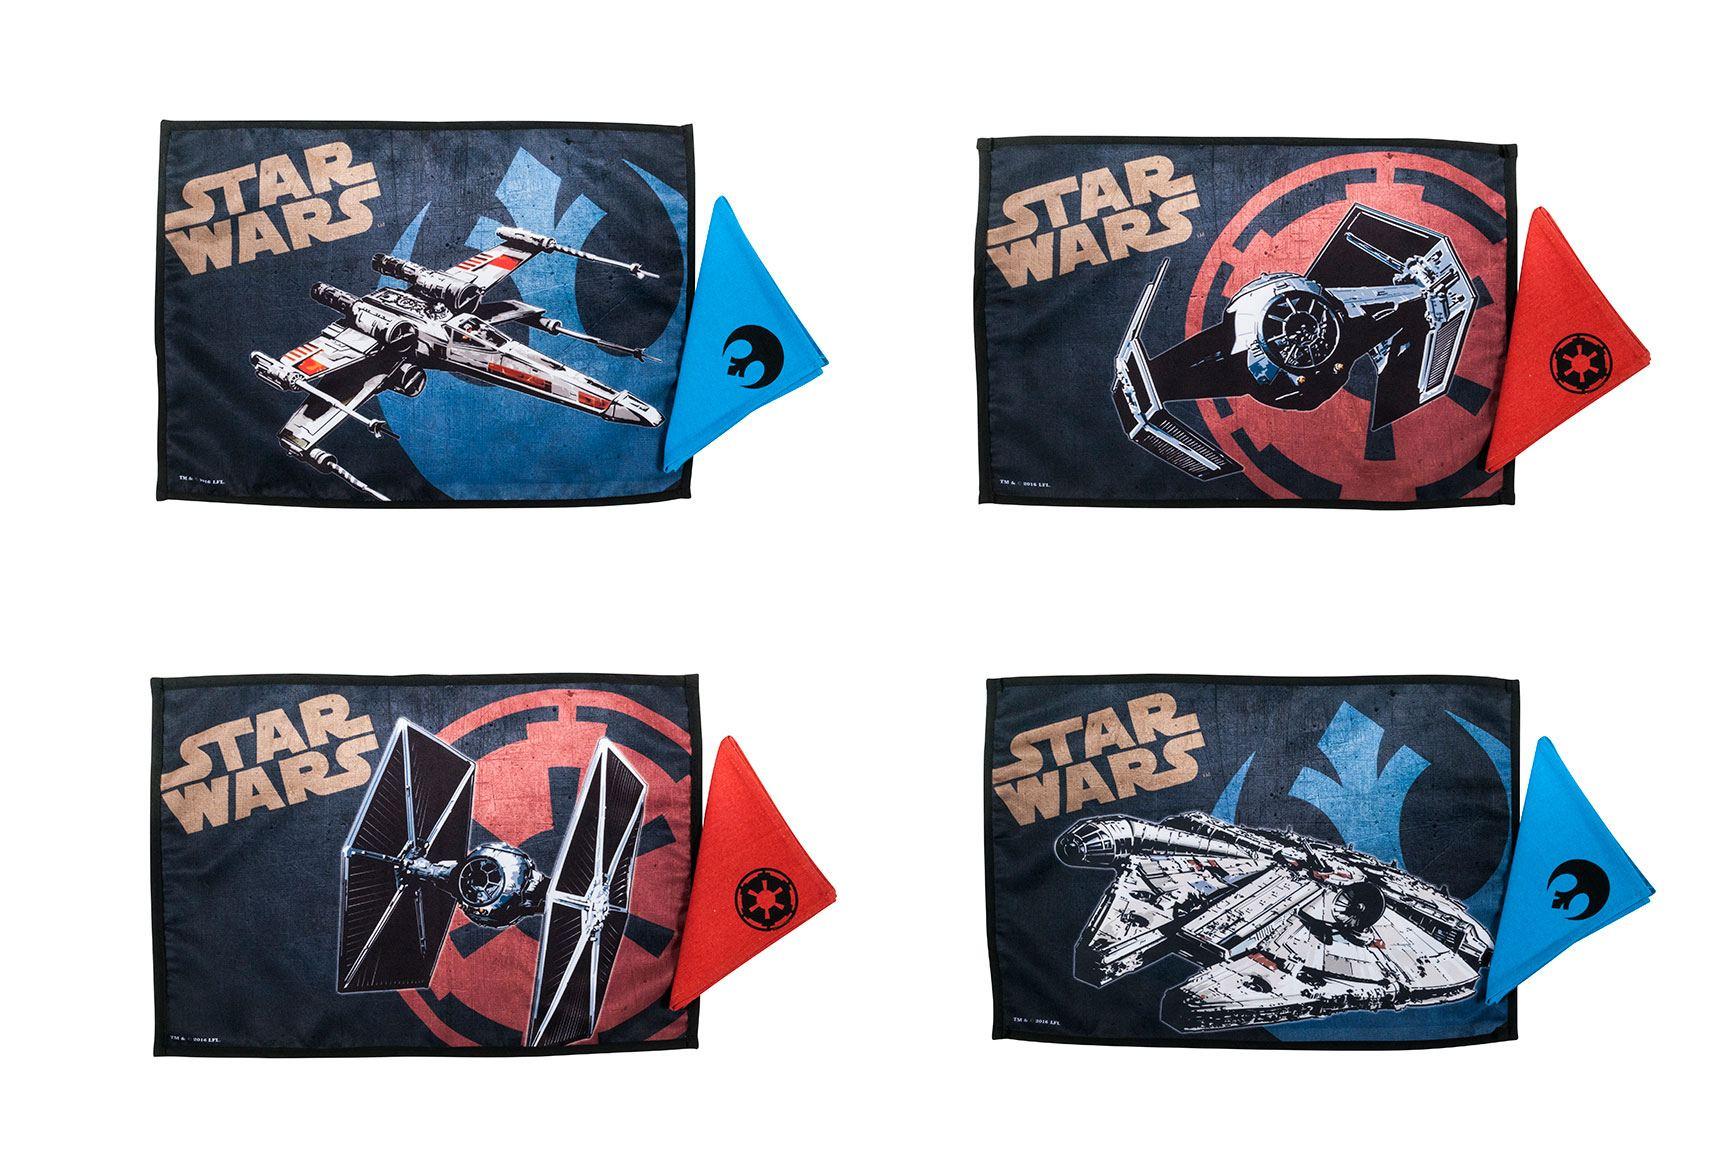 Star Wars Placemats & Napkins Set Spaceships